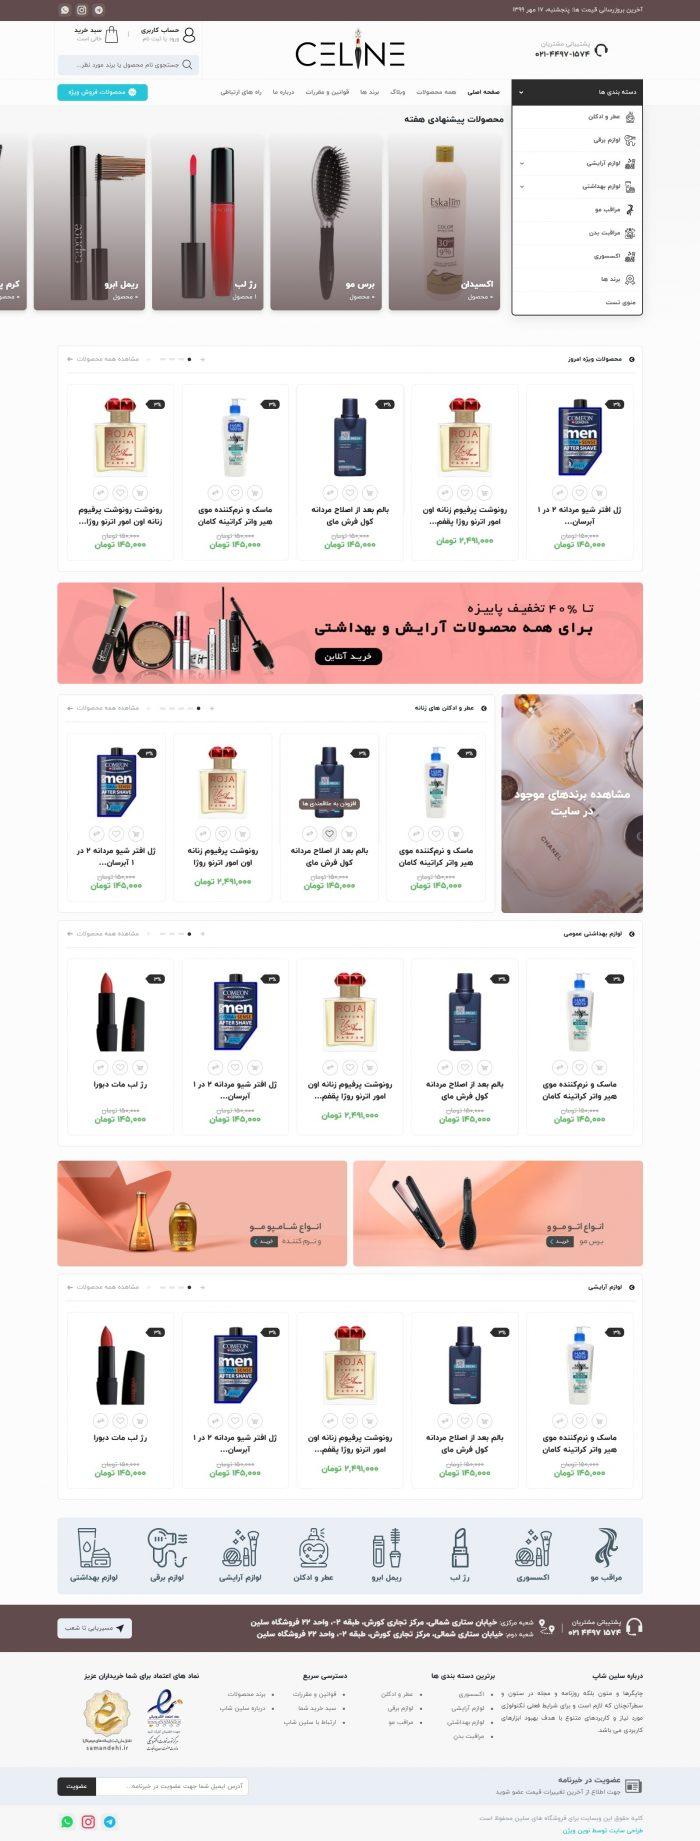 طراحی سایت فروشگاه سلین شاپ